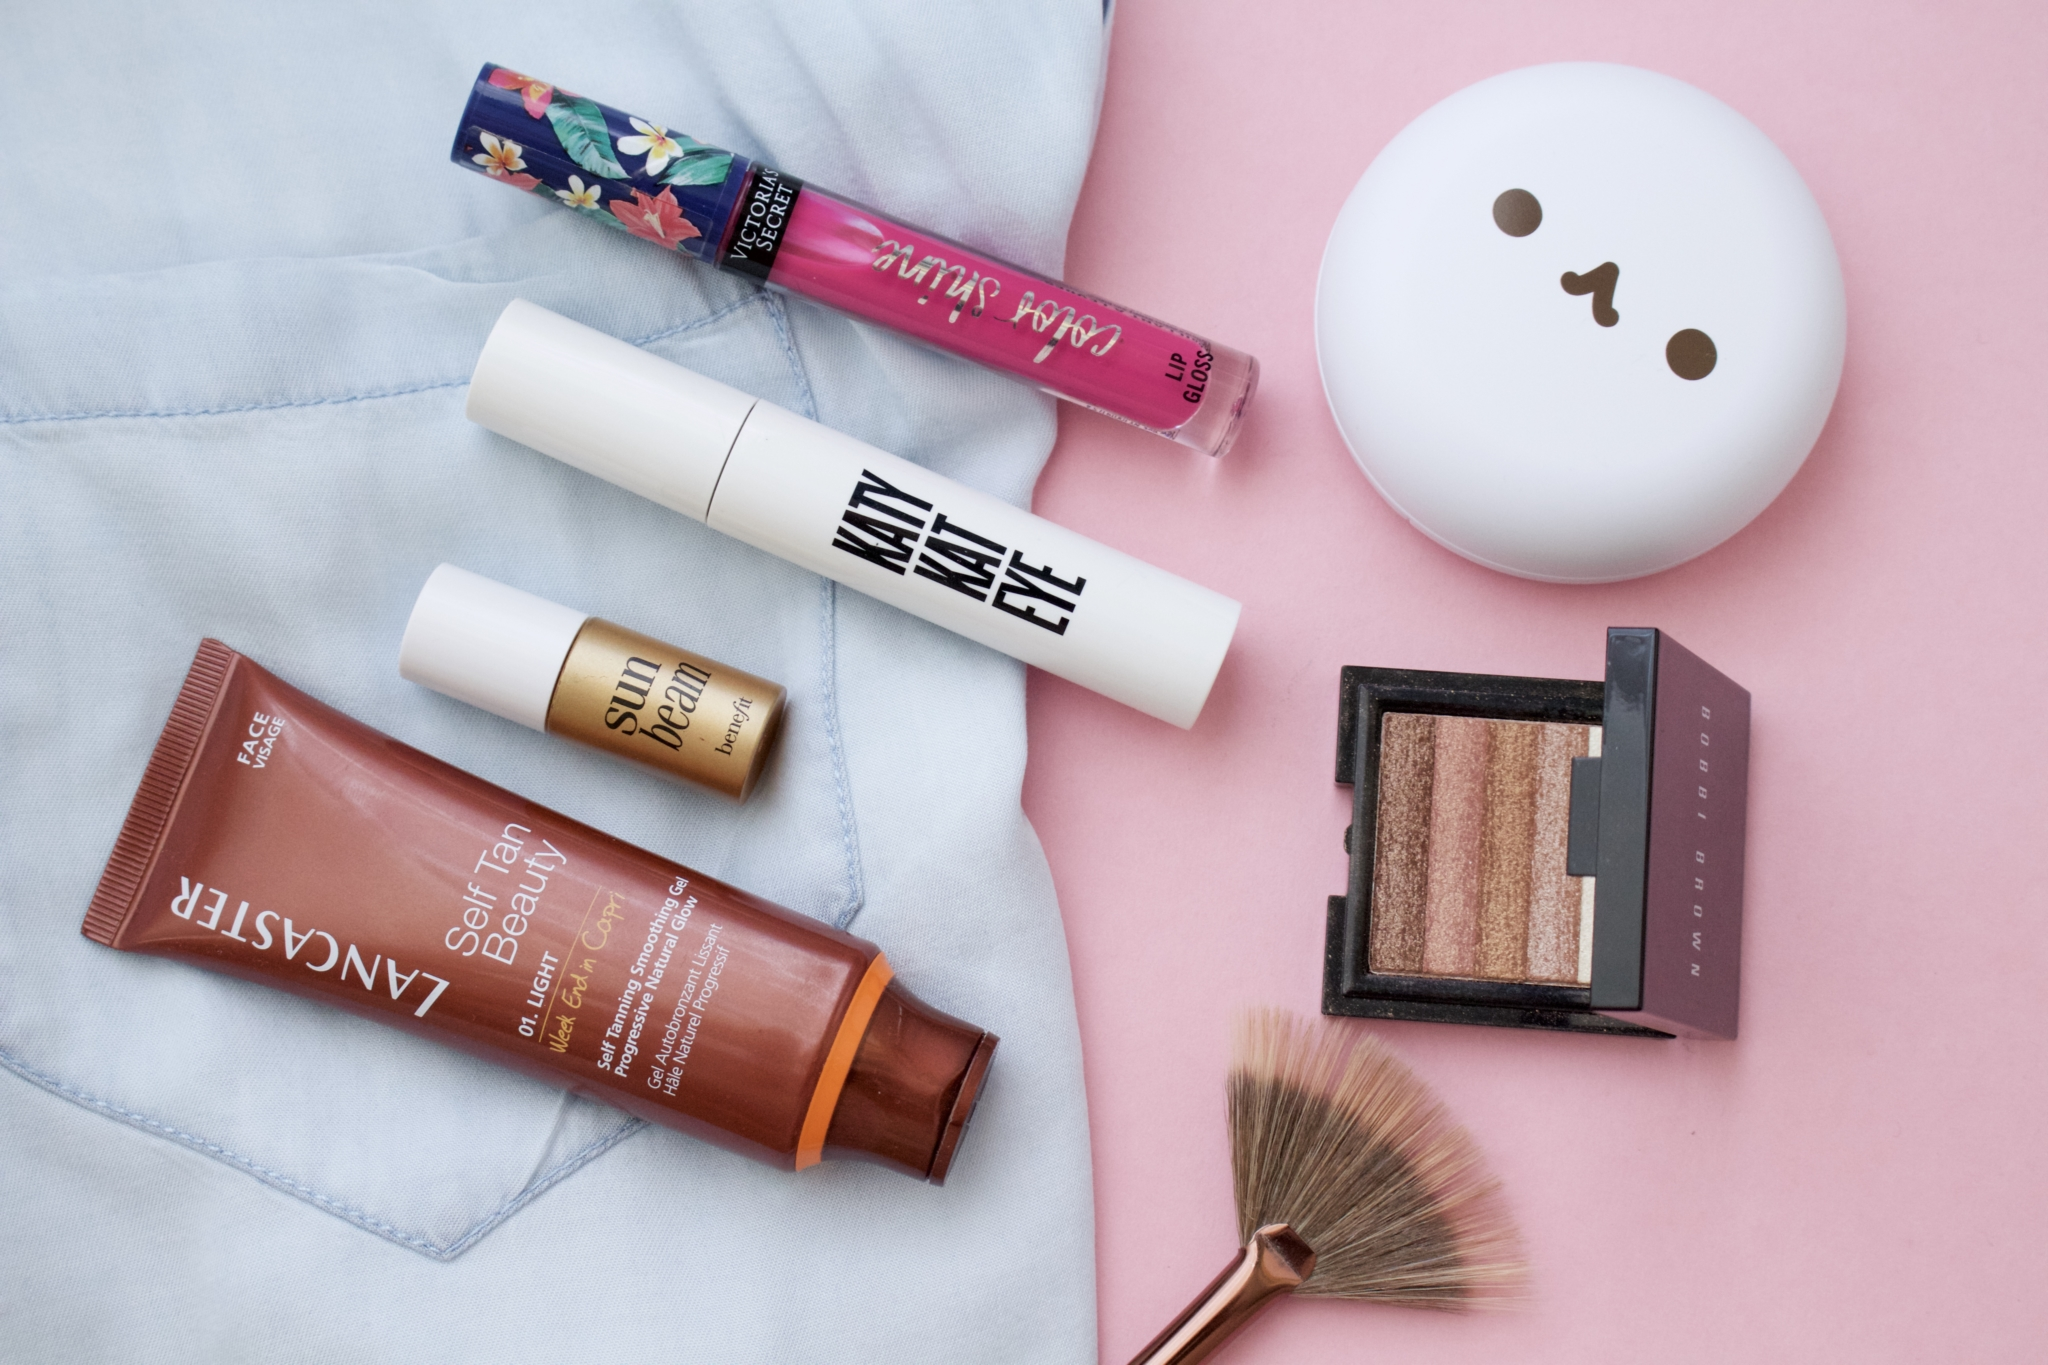 Detailaufnahmen von den verwendeten Schminkprodukten: pink meets blue: Sommer make-up look für Rothaarige | Typgerecht - Beauty Blog Leipzig Deutschland Bild 2